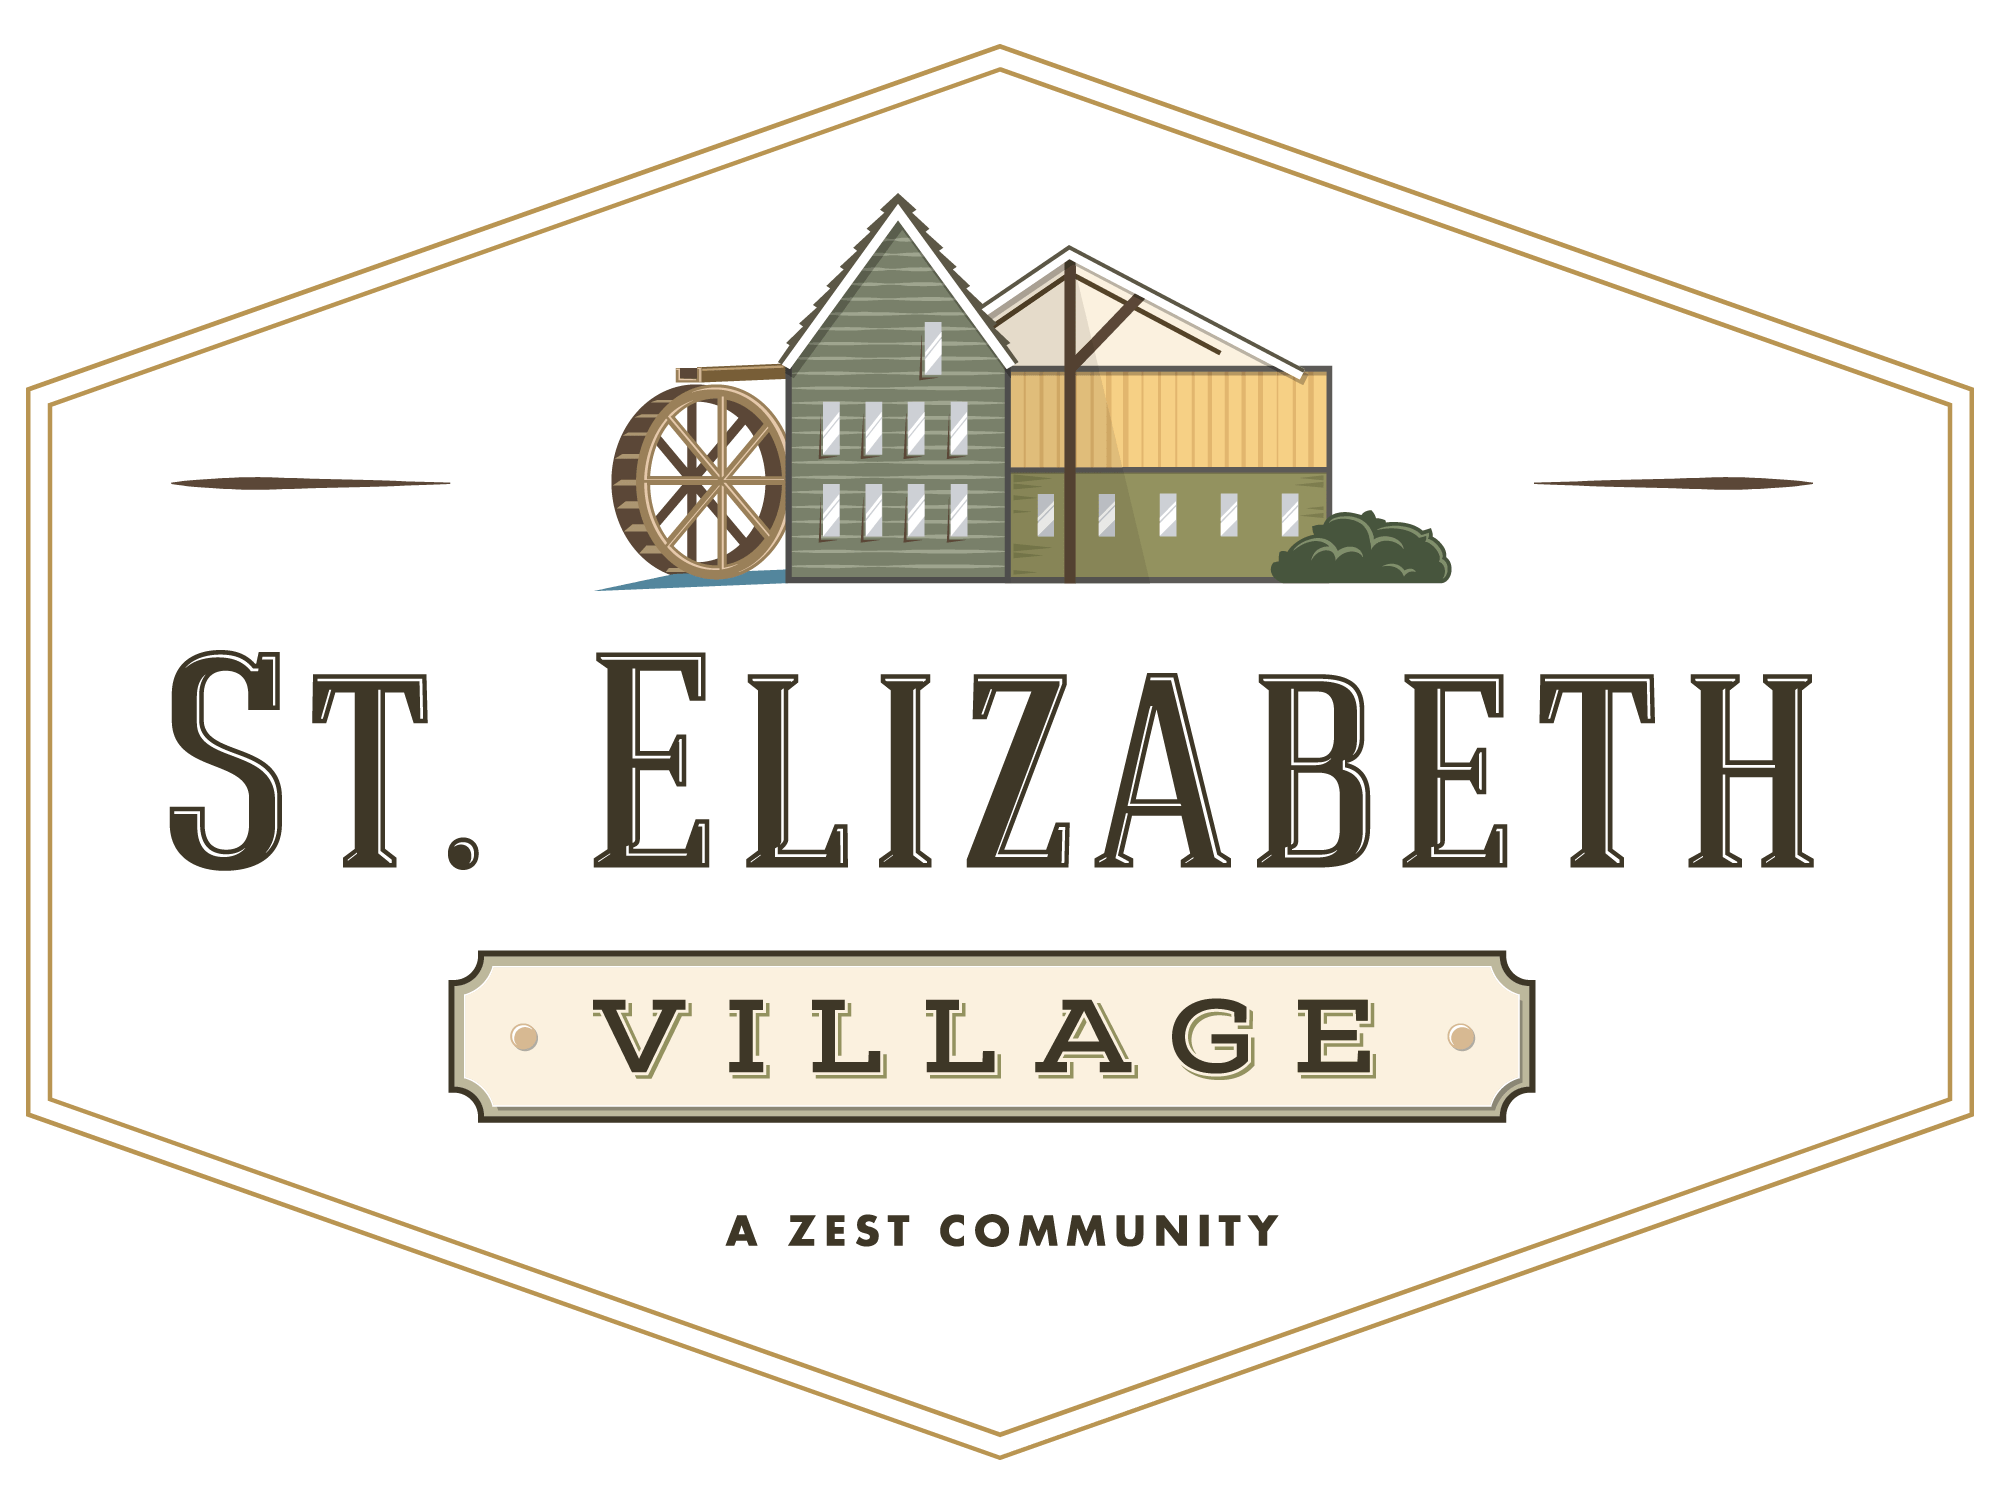 St. Elizabeth Village